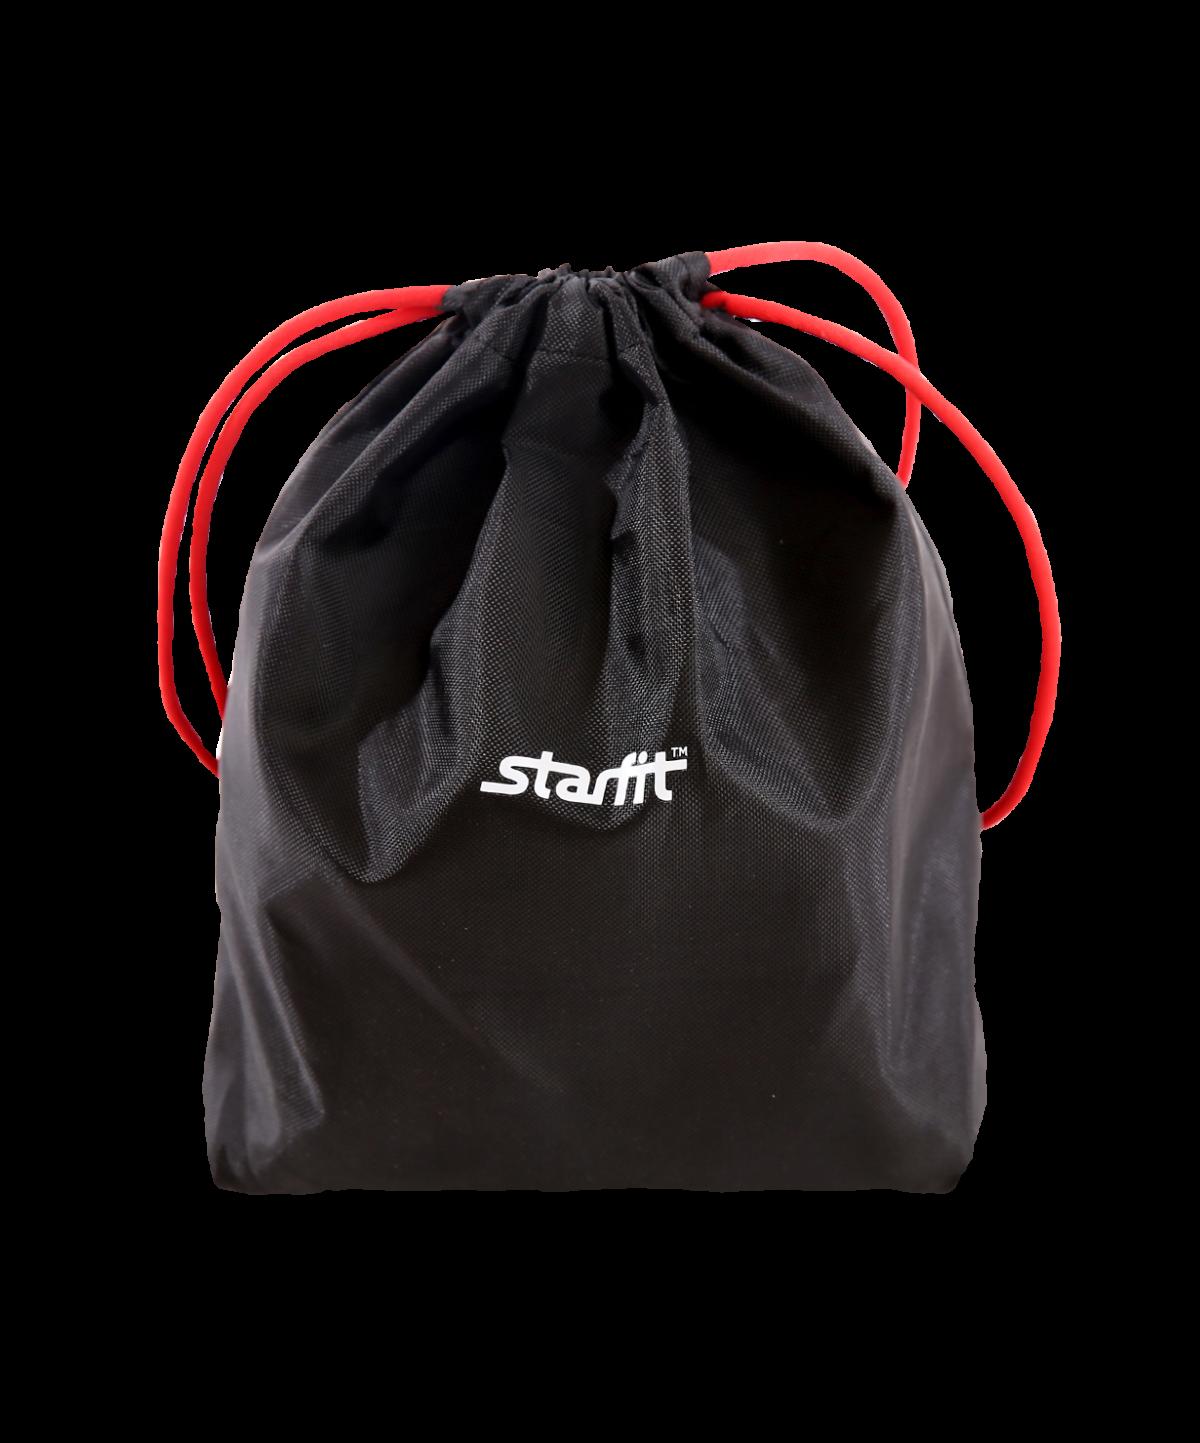 STARFIT Утяжелители  1 кг, красный WT-401 - 3